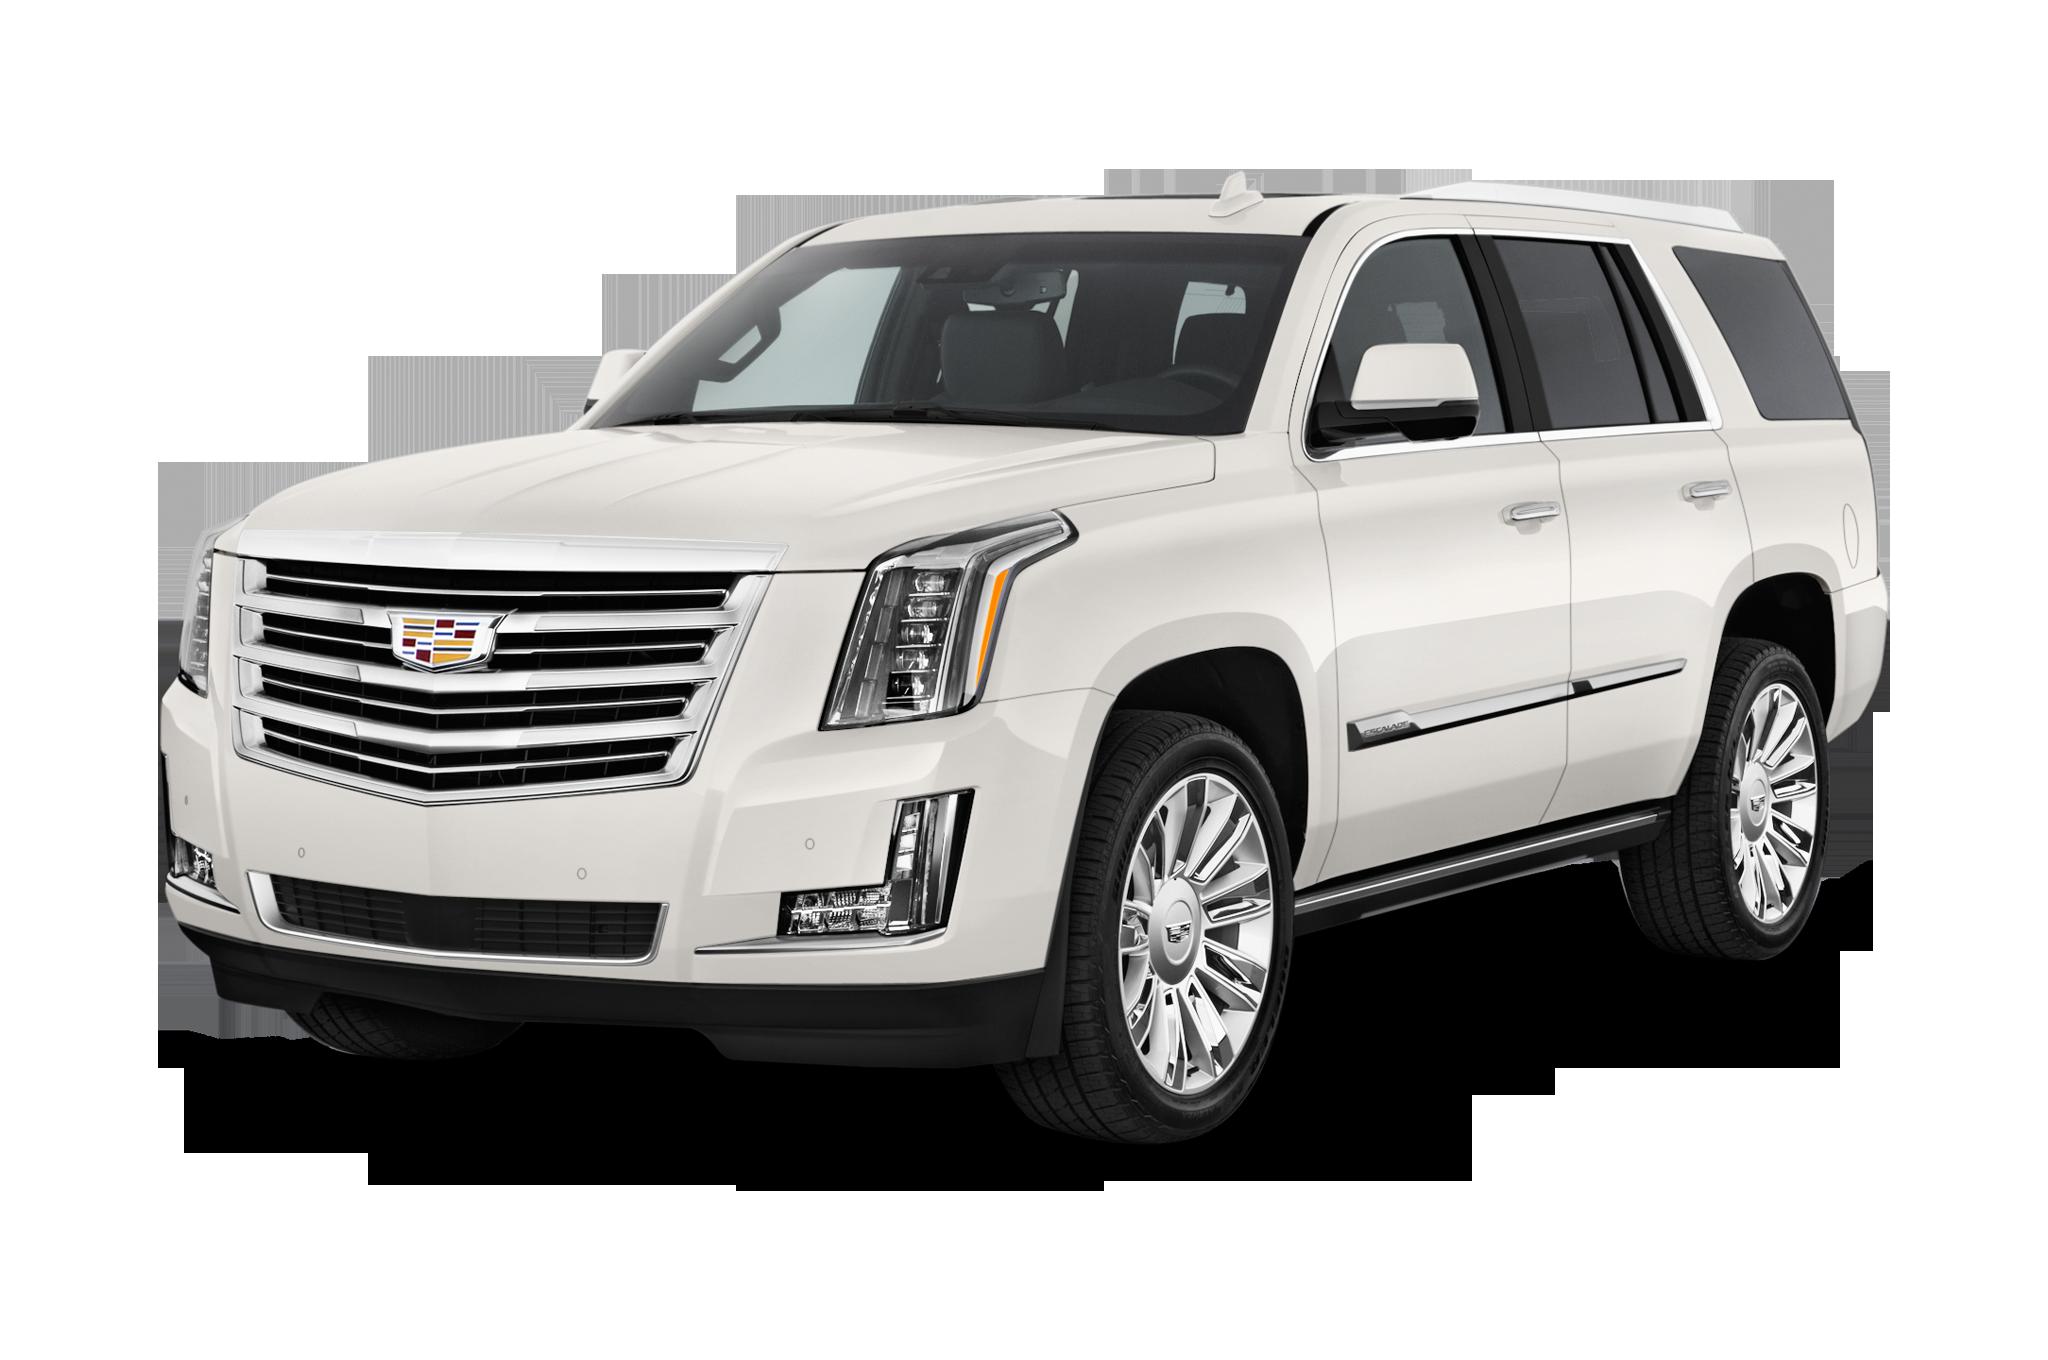 2016 Cadillac Escalade Reviews.